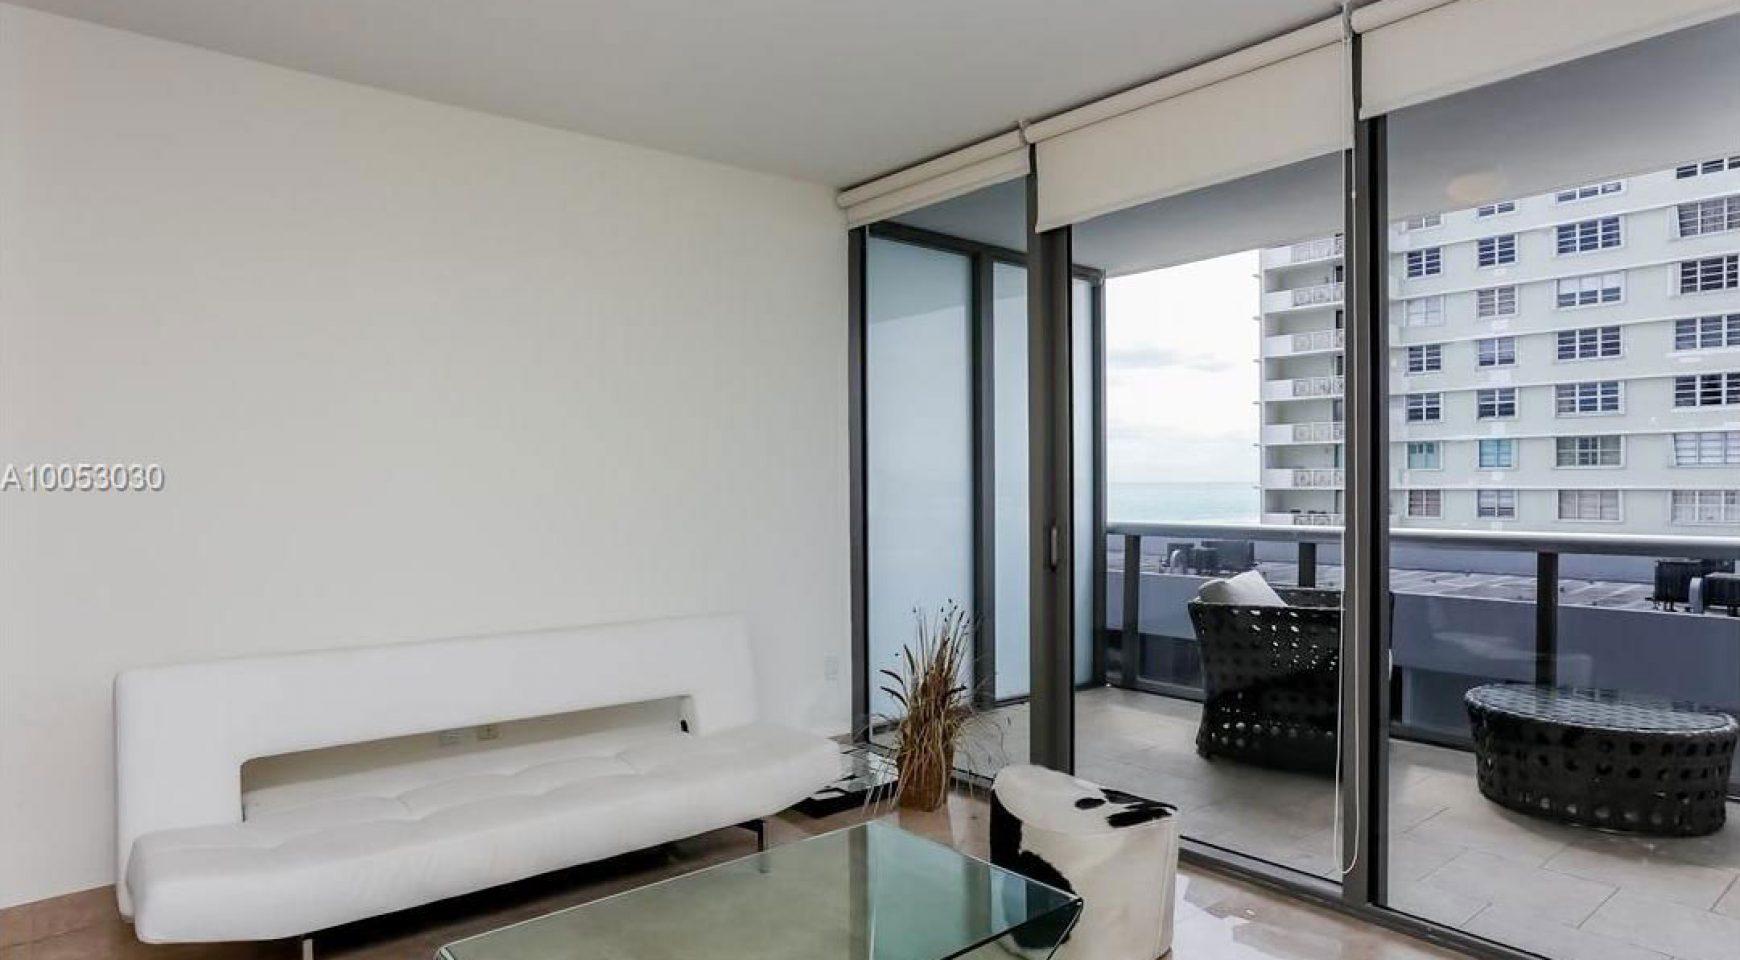 Departamentos en Miami Beach alquiler | | Golod Group